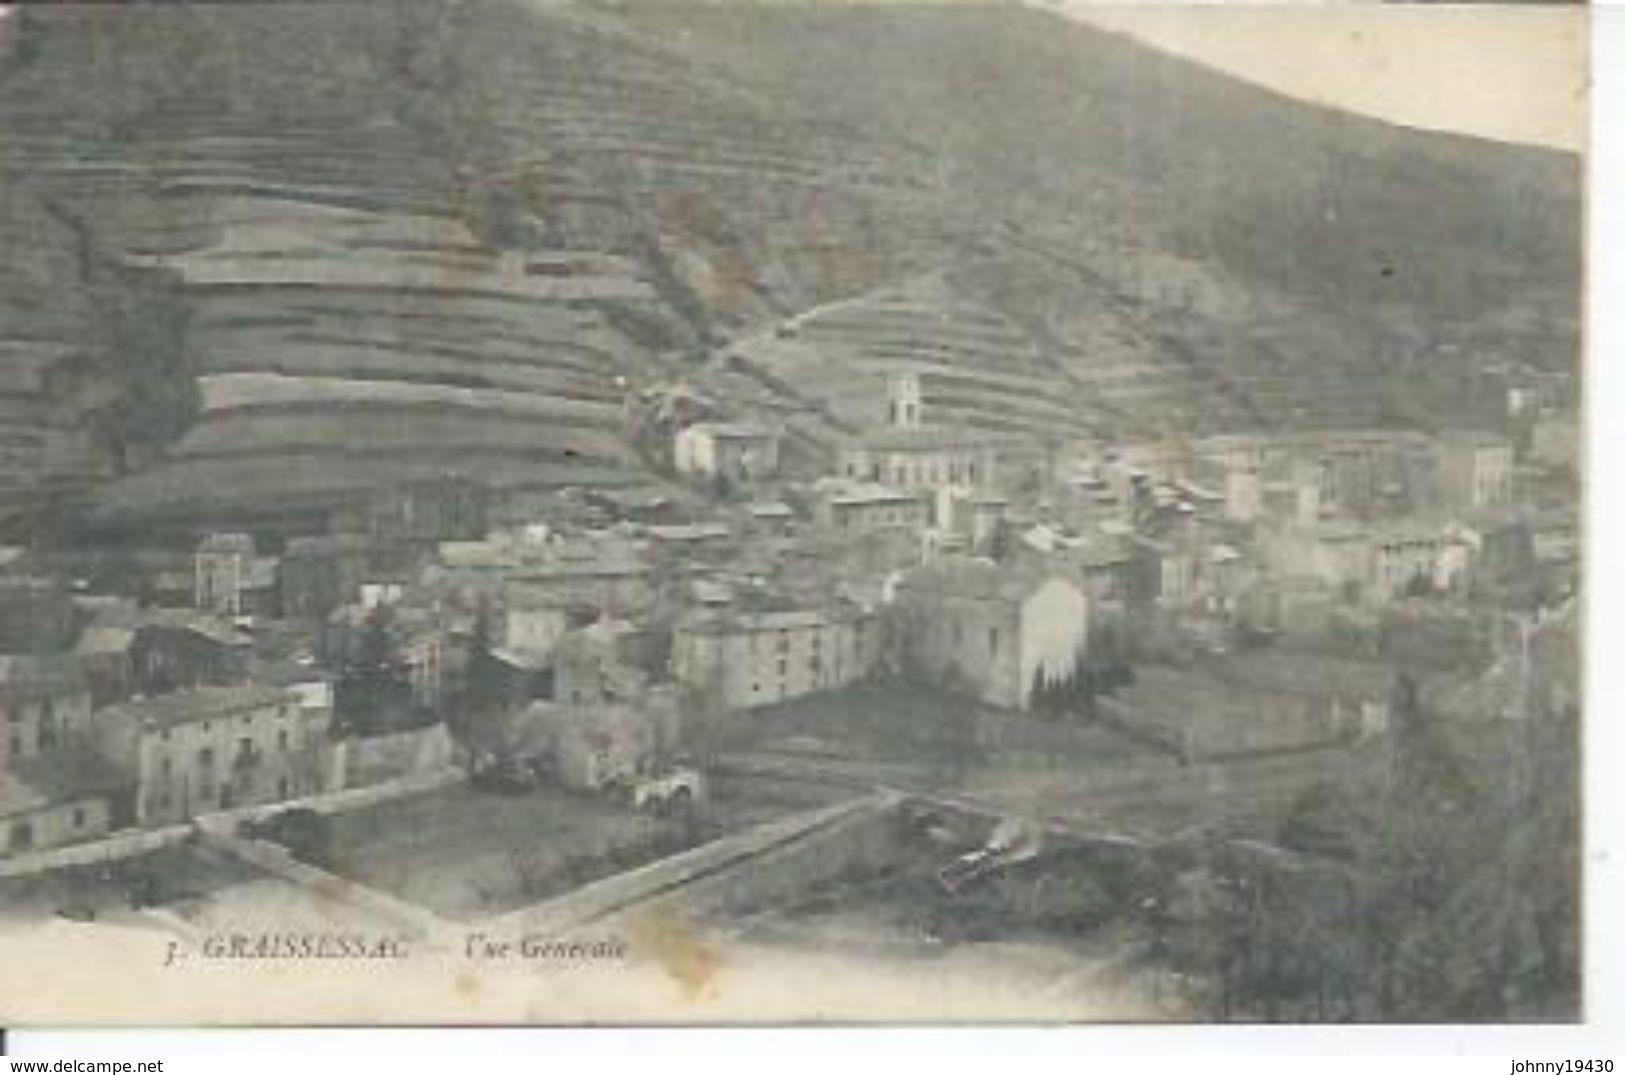 3 - GRAISSESSAC - VUE GENERALE - France